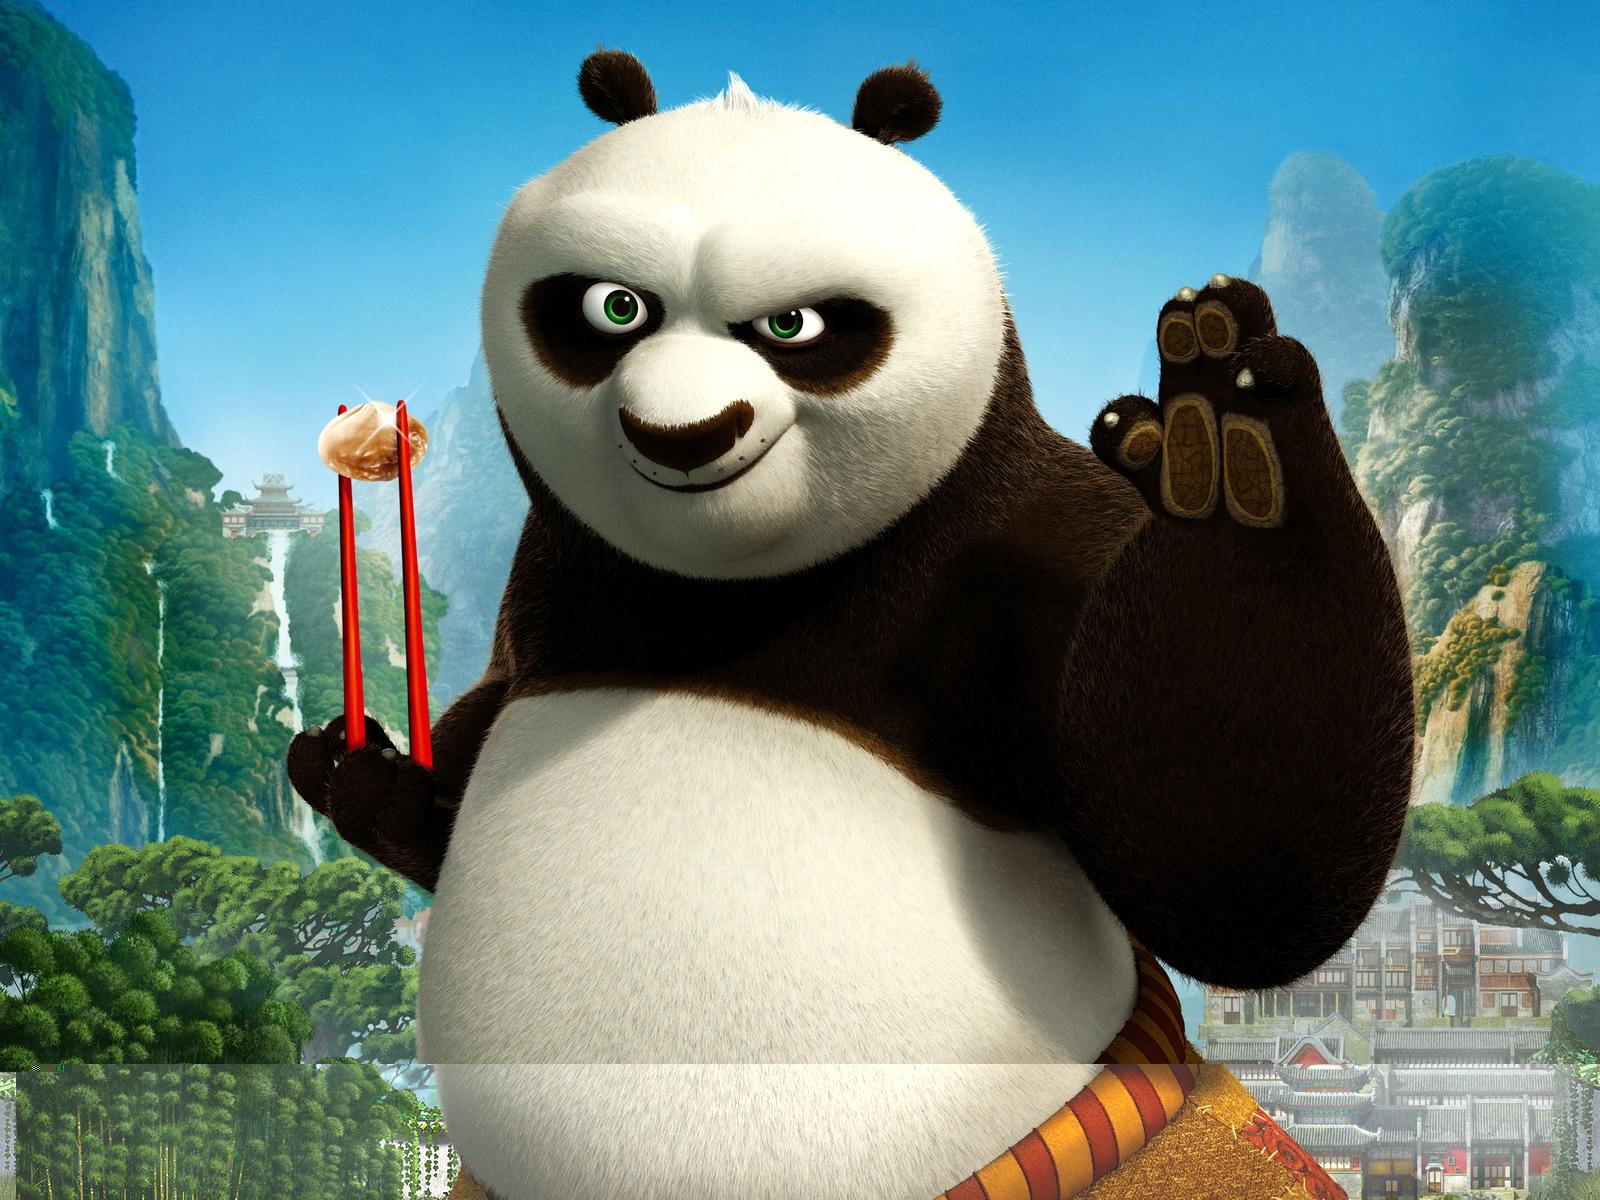 Cool Desktop Wallpaper: Kung Fu Panda 2 Desktop Wallpapers